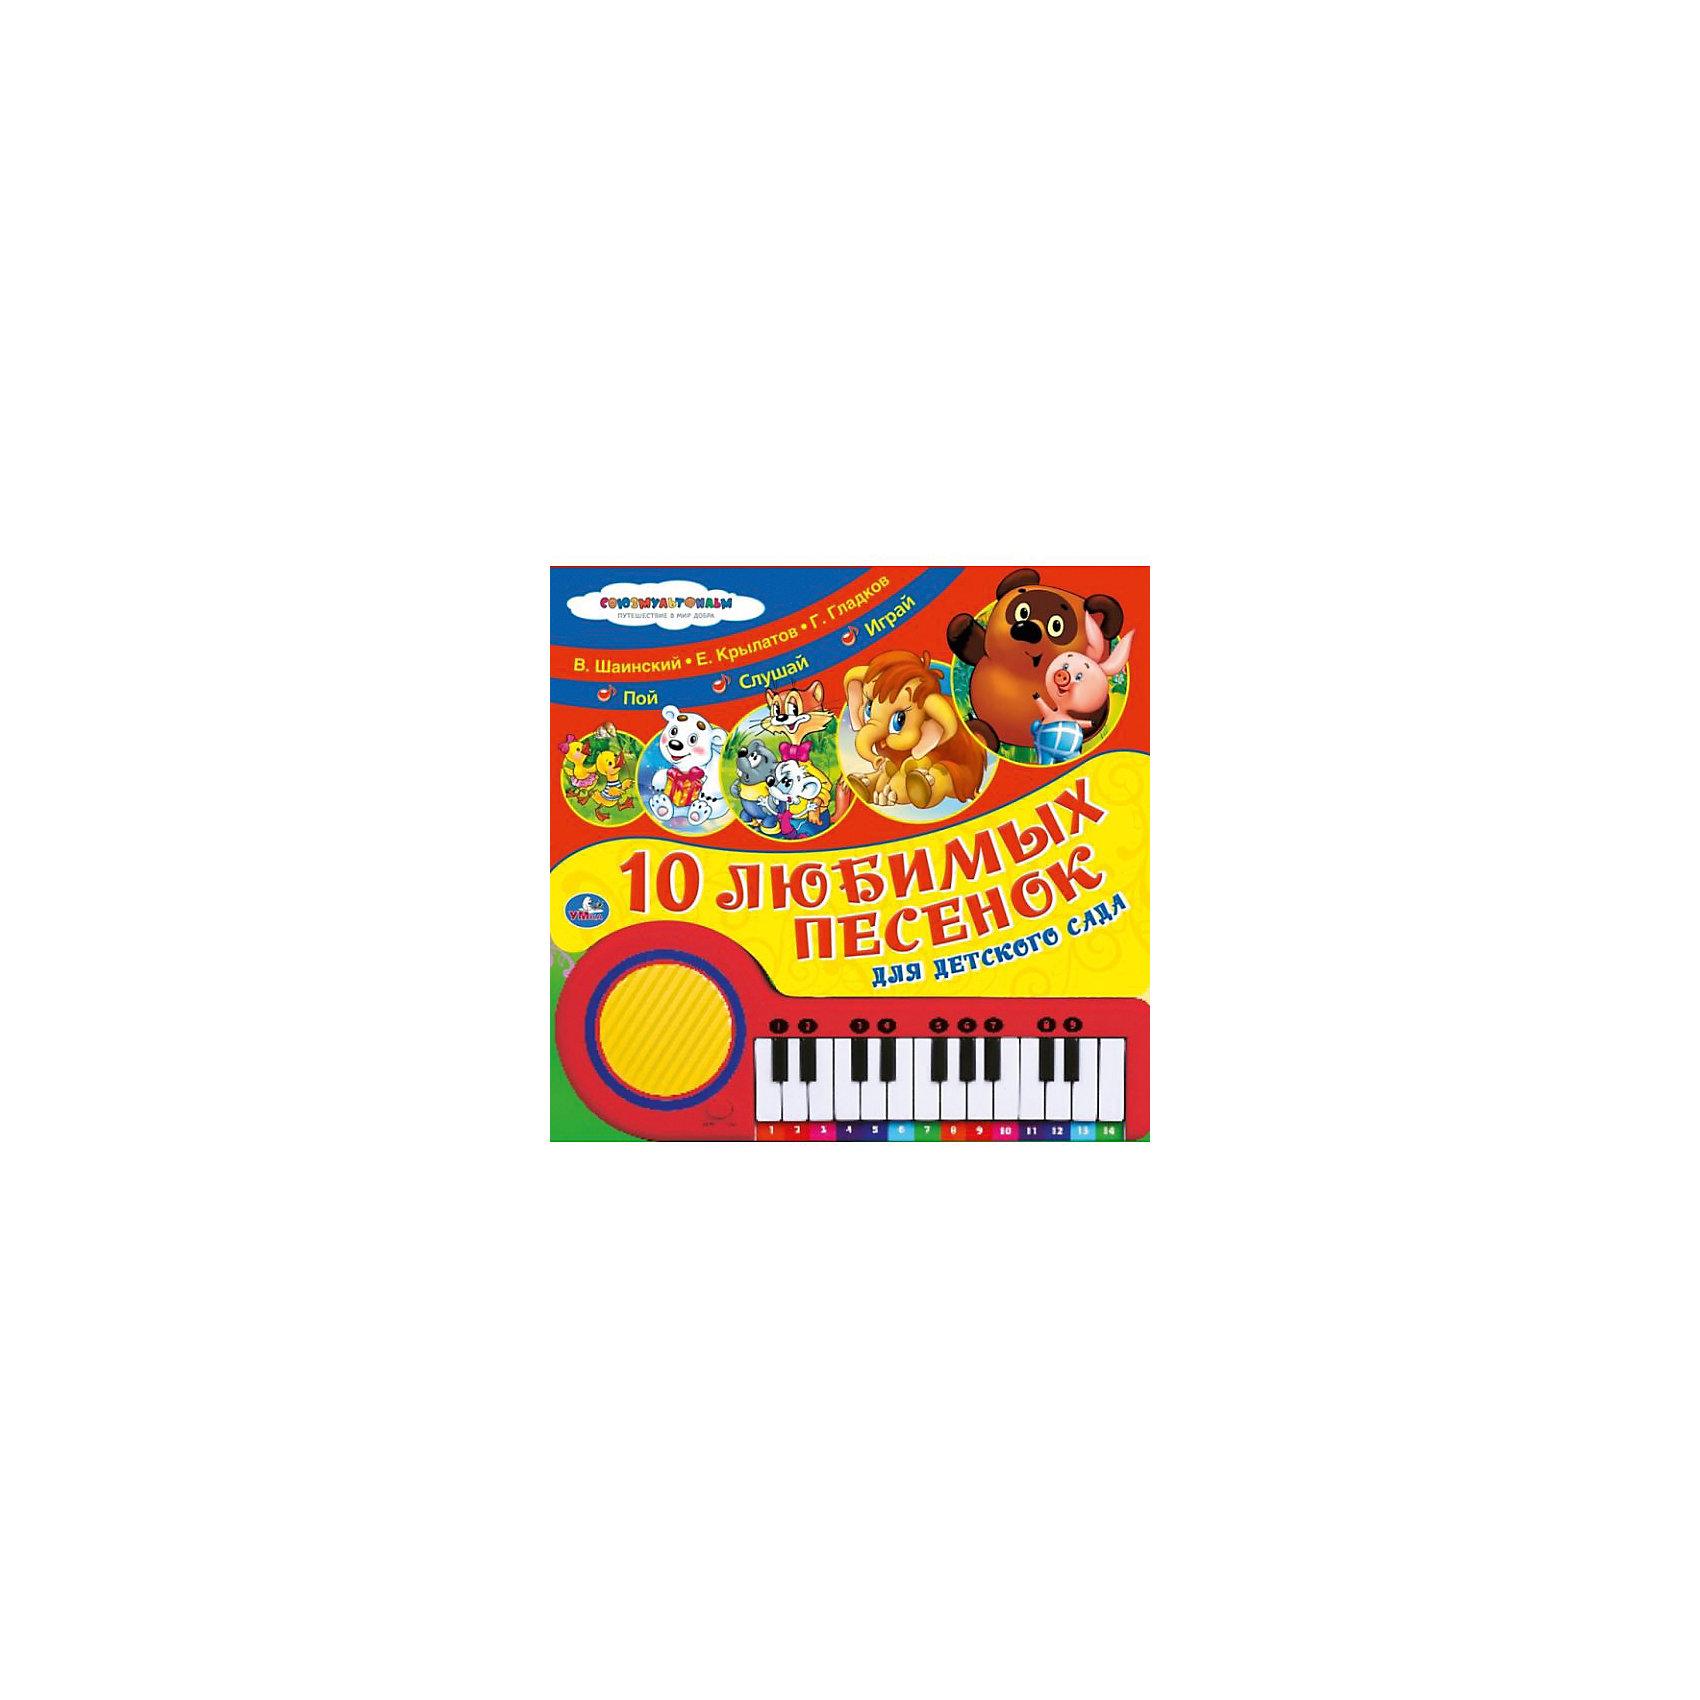 Книга-пианино Любимые песенки, Г. Гладков, В. Шаинский и др.Музыкальные книги<br>Книга-пианино Любимые песенки, Г. Гладков, В. Шаинский и др. – эта прекрасная возможность послушать и поиграть замечательные песенки.<br>Эта необычная музыкальная книжка с встроенным пианино приведет в восторг вашего непоседу! На красочных картонных страницах оживают герои из любимых мультфильмов - Винни-Пух, медвежонок Умка, Мамонтенок и другие. Звуковой модуль воспроизводит 10 веселых песенок, написанных для детей известными композиторами - В. Шаинским, Г. Гладковым, Е. Крылатовым. Текст песен на страницах книги служит как функция караоке, благодаря этому ваш малыш сможет не только слушать, но и самостоятельно петь, нажимая на клавиши. В издании приведены тексты песенок из мультфильмов и ноты к ним, пронумерованные цифрами, соответствующими клавишам пианино. Яркие цвета, красивые картинки и удобные страницы обязательно понравятся малышу. Формат книги идеально подходит для маленьких детских рук, страницы из плотного картона не так просто помять или порвать. Книга развивает у ребенка интерес к чтению, слуховое и зрительное восприятие, мелкую моторику.<br><br>Дополнительная информация:<br><br>- Содержание: Песня Винни-Пуха, Песенка Винни-Пуха, Я иду и пою, Песенка Мамонтенка, Ох, рано встает охрана, Дуэт Трубадура, Дождя не боимся, Колыбельная Медведицы, Добрый жук, Танец маленьких утят<br>- Редактор-составитель: Мария Сябровская<br>- Художники: Игорь Ситников, Сергей Кочилков<br>- Издательство: Умка<br>- Тип обложки: картон<br>- Пианино 23 клавиши<br>- Иллюстрации: цветные<br>- Количество страниц: 20 (картон)<br>- Батарейки: 2 типа АА (входят в комплект)<br>- Размер: 260х260х30 мм.<br>- Вес: 760 гр.<br><br>Книгу-пианино Любимые песенки, Г. Гладков, В. Шаинский и др. можно купить в нашем интернет-магазине.<br><br>Ширина мм: 260<br>Глубина мм: 260<br>Высота мм: 30<br>Вес г: 760<br>Возраст от месяцев: 36<br>Возраст до месяцев: 2147483647<br>Пол: Унисекс<br>Возраст: Детский<br>SKU: 4578987